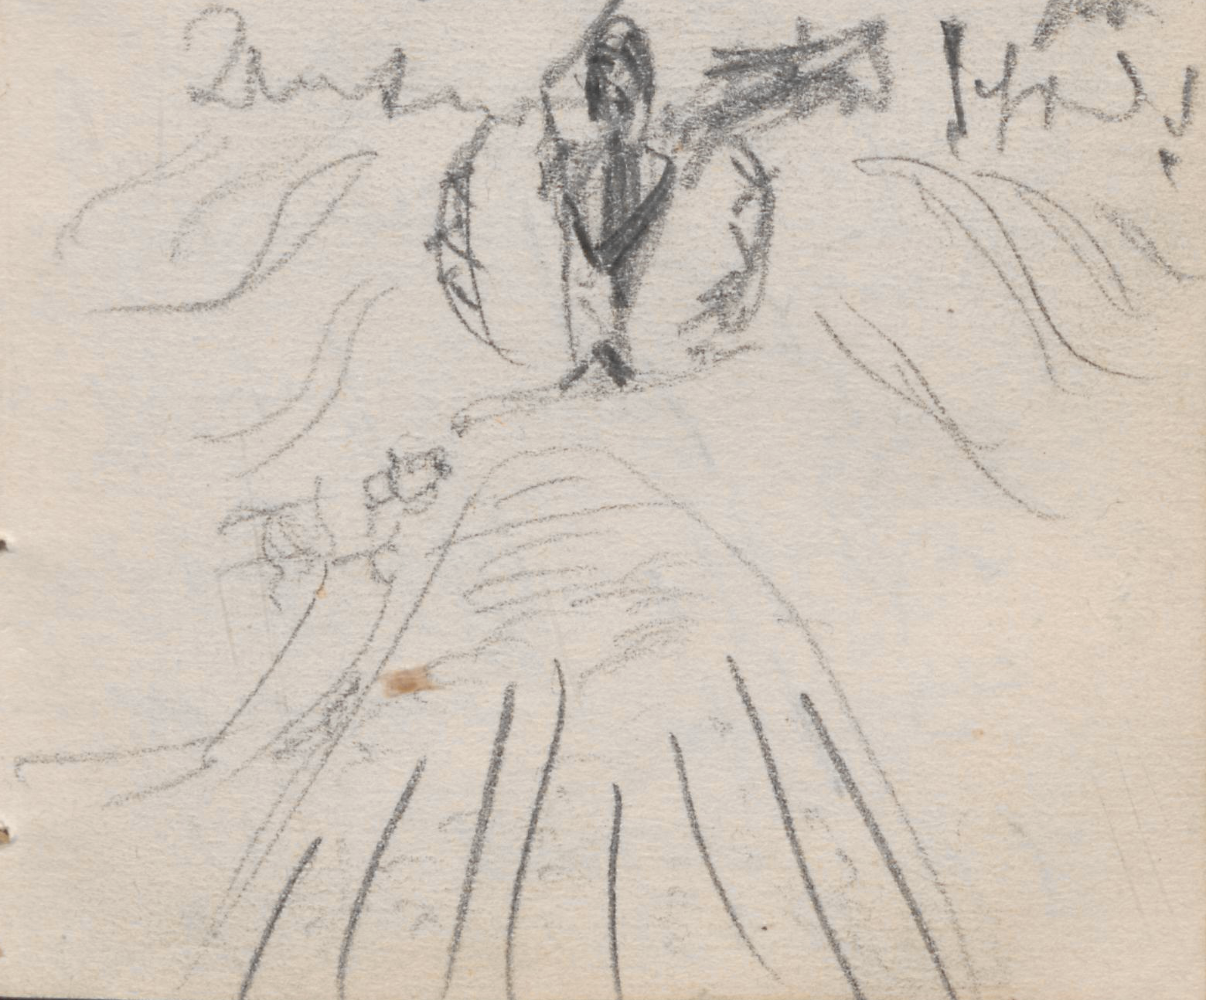 Gemäldekomposition; Himmelfahrt [Fresko]Himmelfahrt[Fresko]falseAnonym/nicht ermitteltHimmelfahrt-Fresko auf dem Camposanto Monumentale.